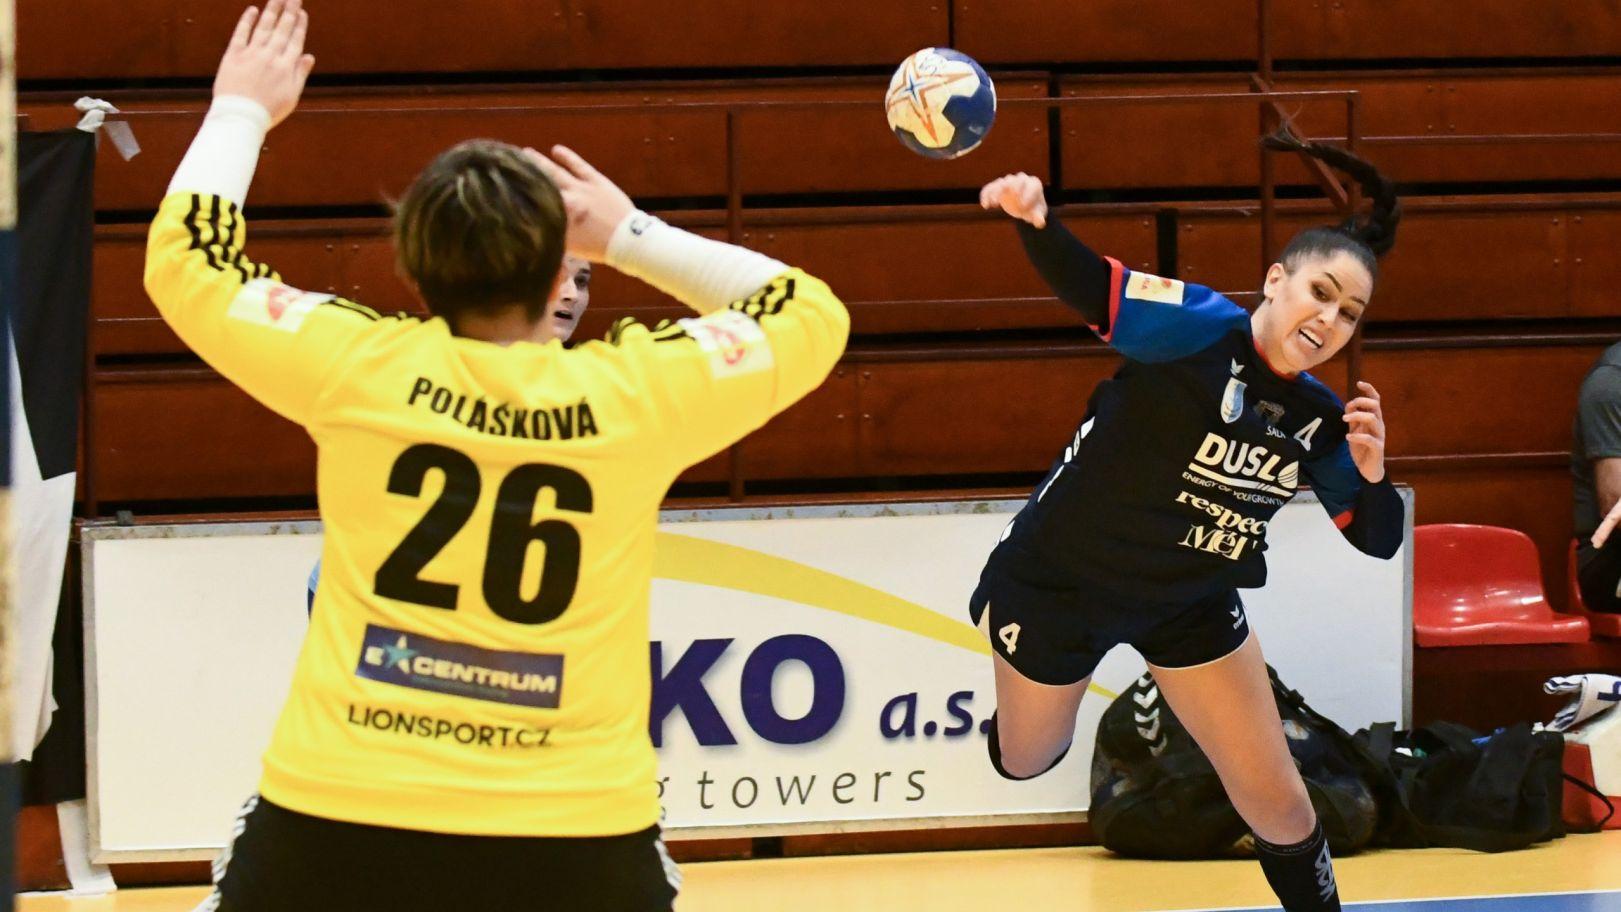 MOL liga: Šaľa zdolala Olomouc, víťazne aj Michalovce a Dunajská Streda